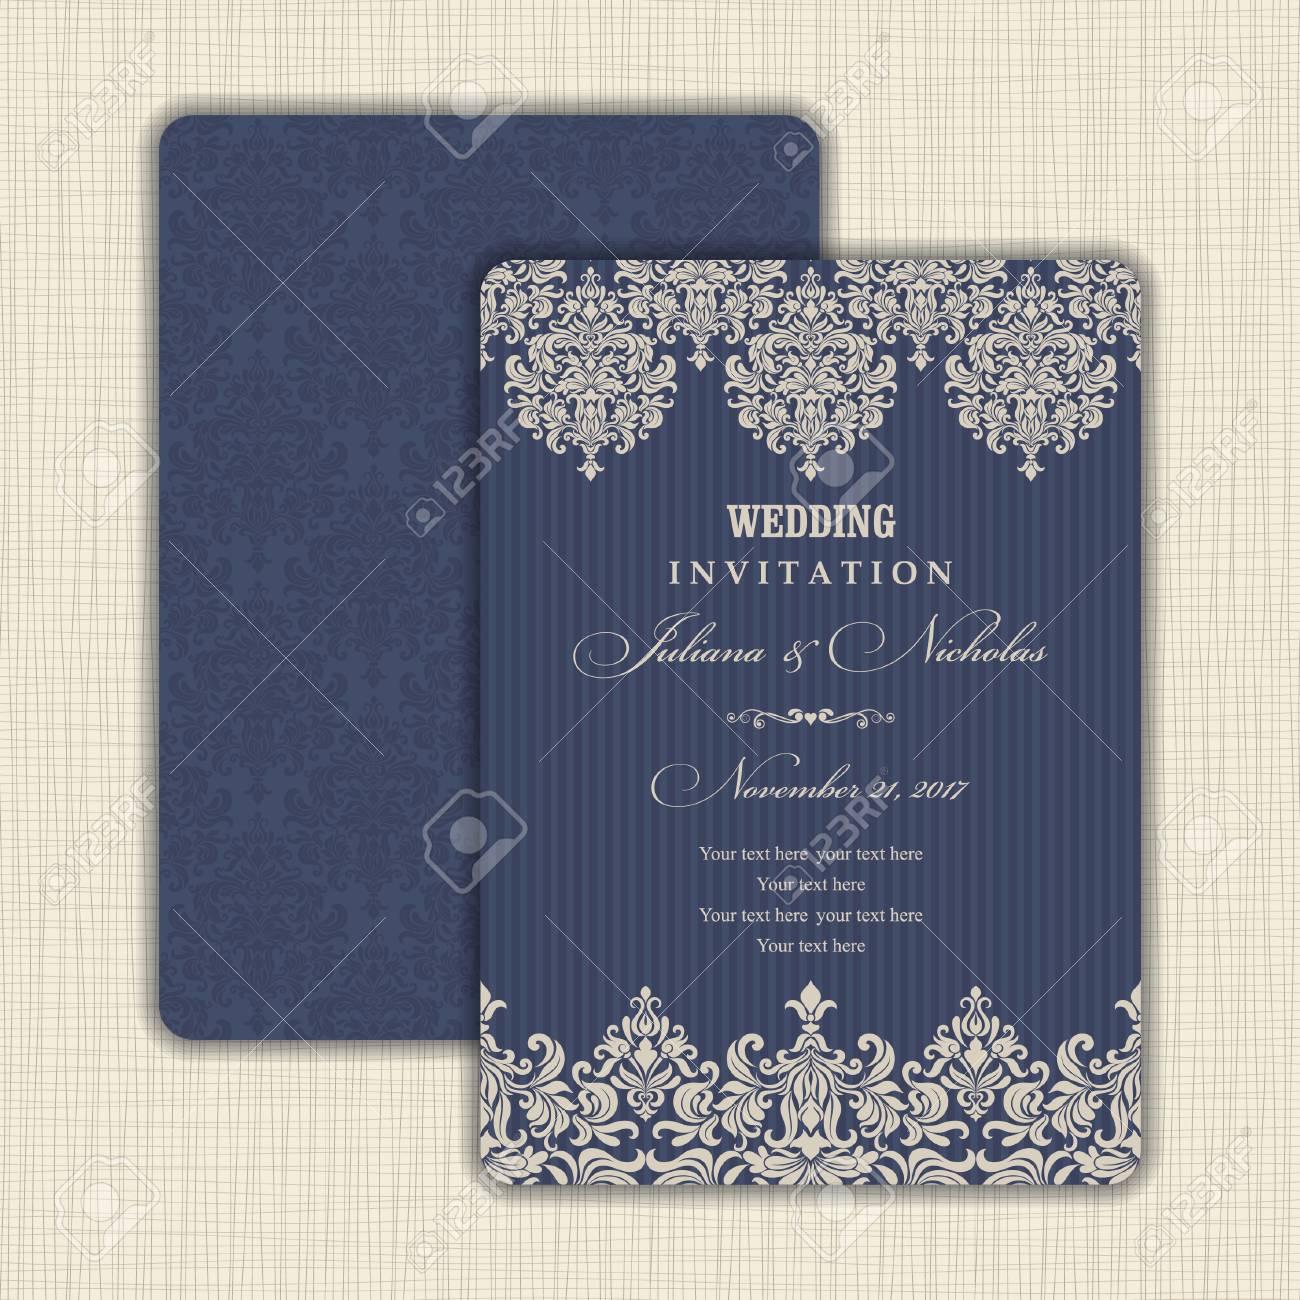 Hochzeitseinladung Mit Barockem Muster. Größe: 5 \